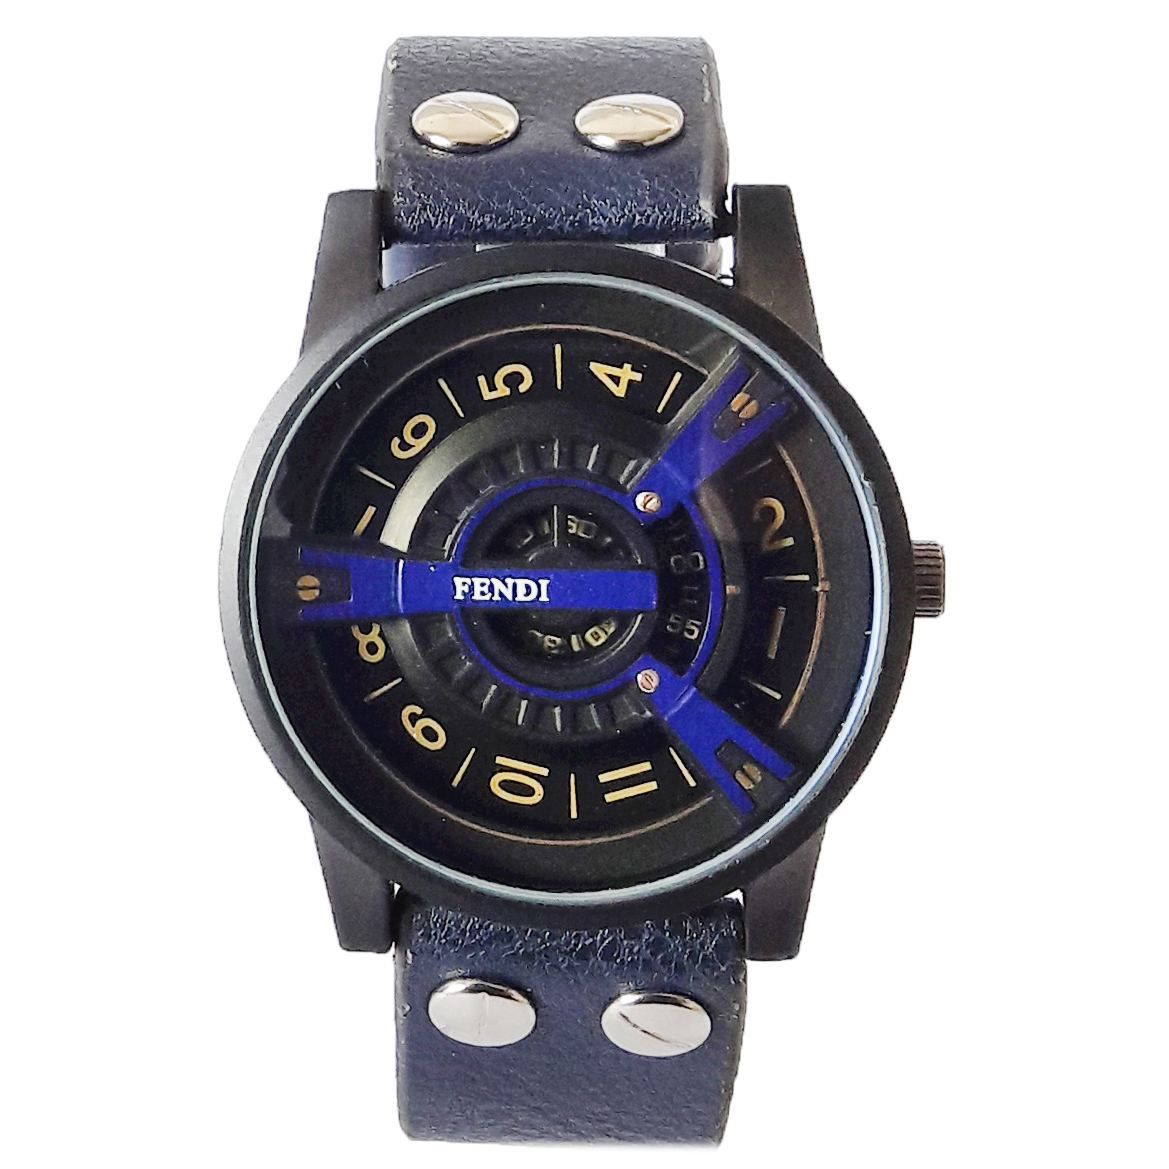 ساعت مچی عقربه ای مردانه مدل FEN 6622 / SO به همراه دستمال مخصوص نانو برند کلیر واچ 18